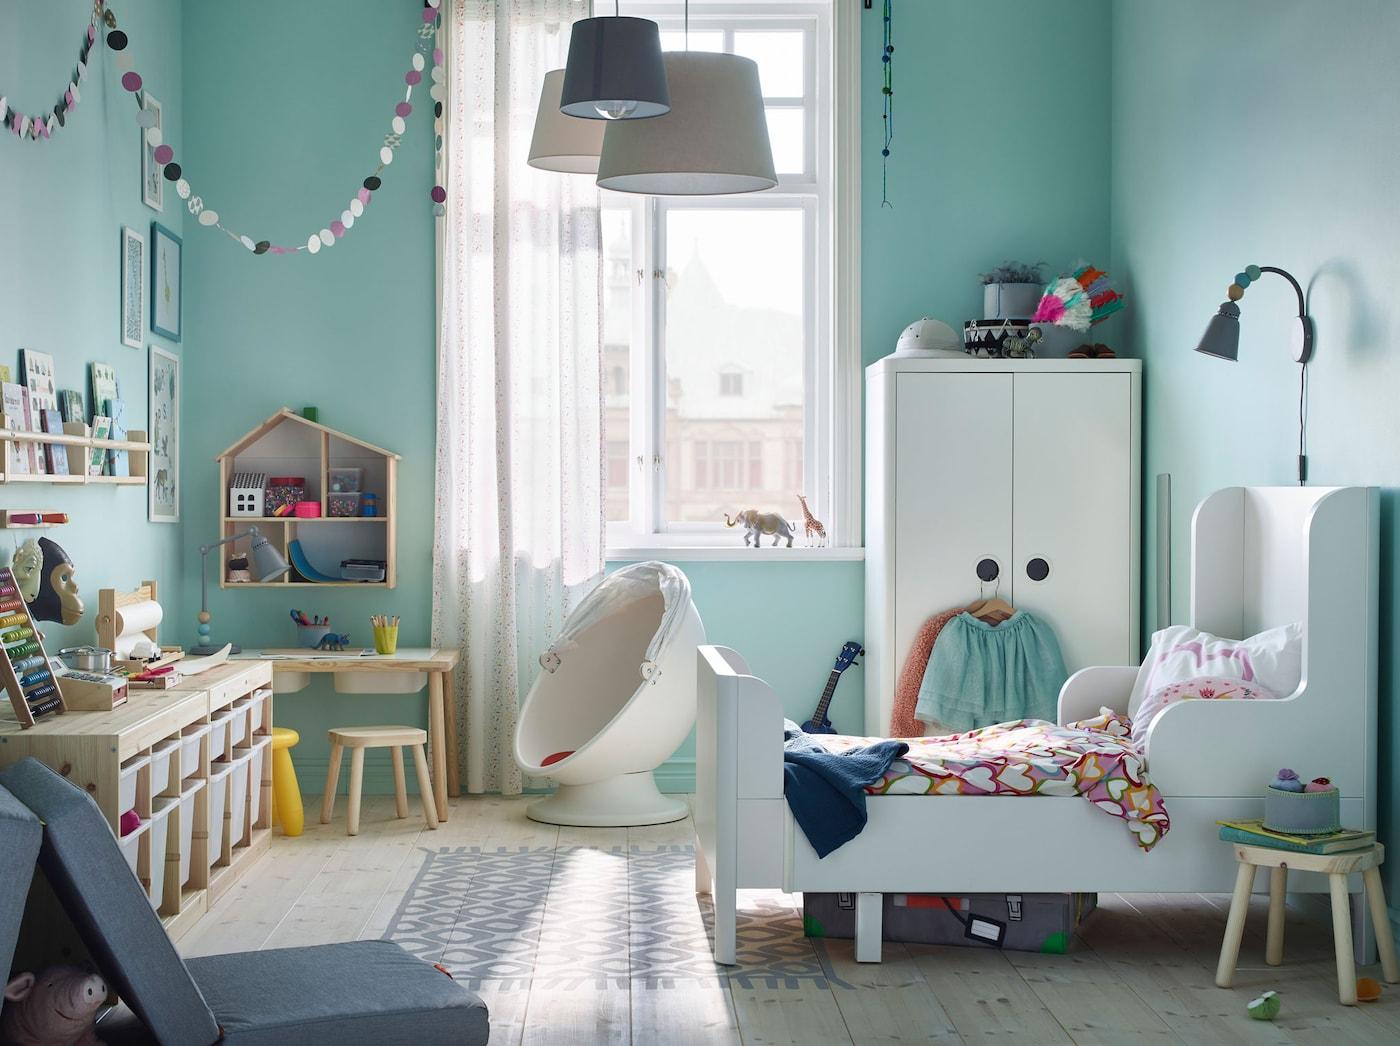 IKEA BUSUNGE Bettgestell, Ausziehbar Weiß, BUSUNGE Kleiderschrank Weiß Und  IKEA PS LÖMSK Drehsessel Weiß